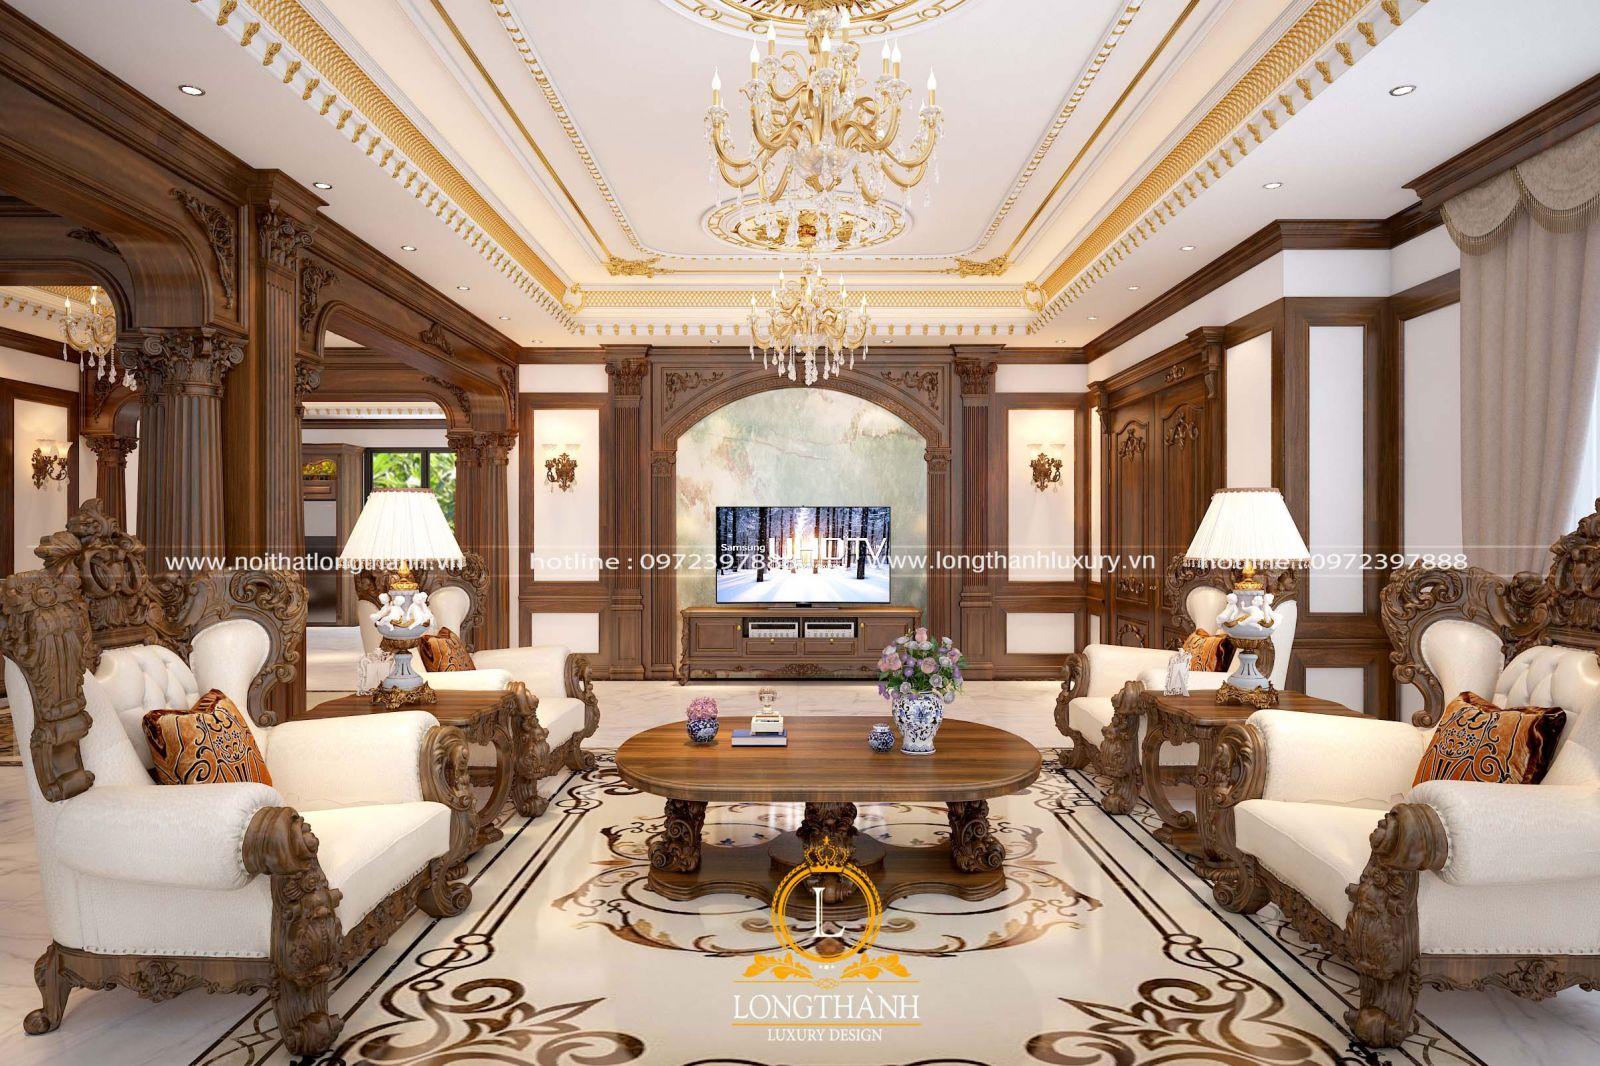 Mẫu phòng khách tân cổ điển đẹp cho biệt thự song lập